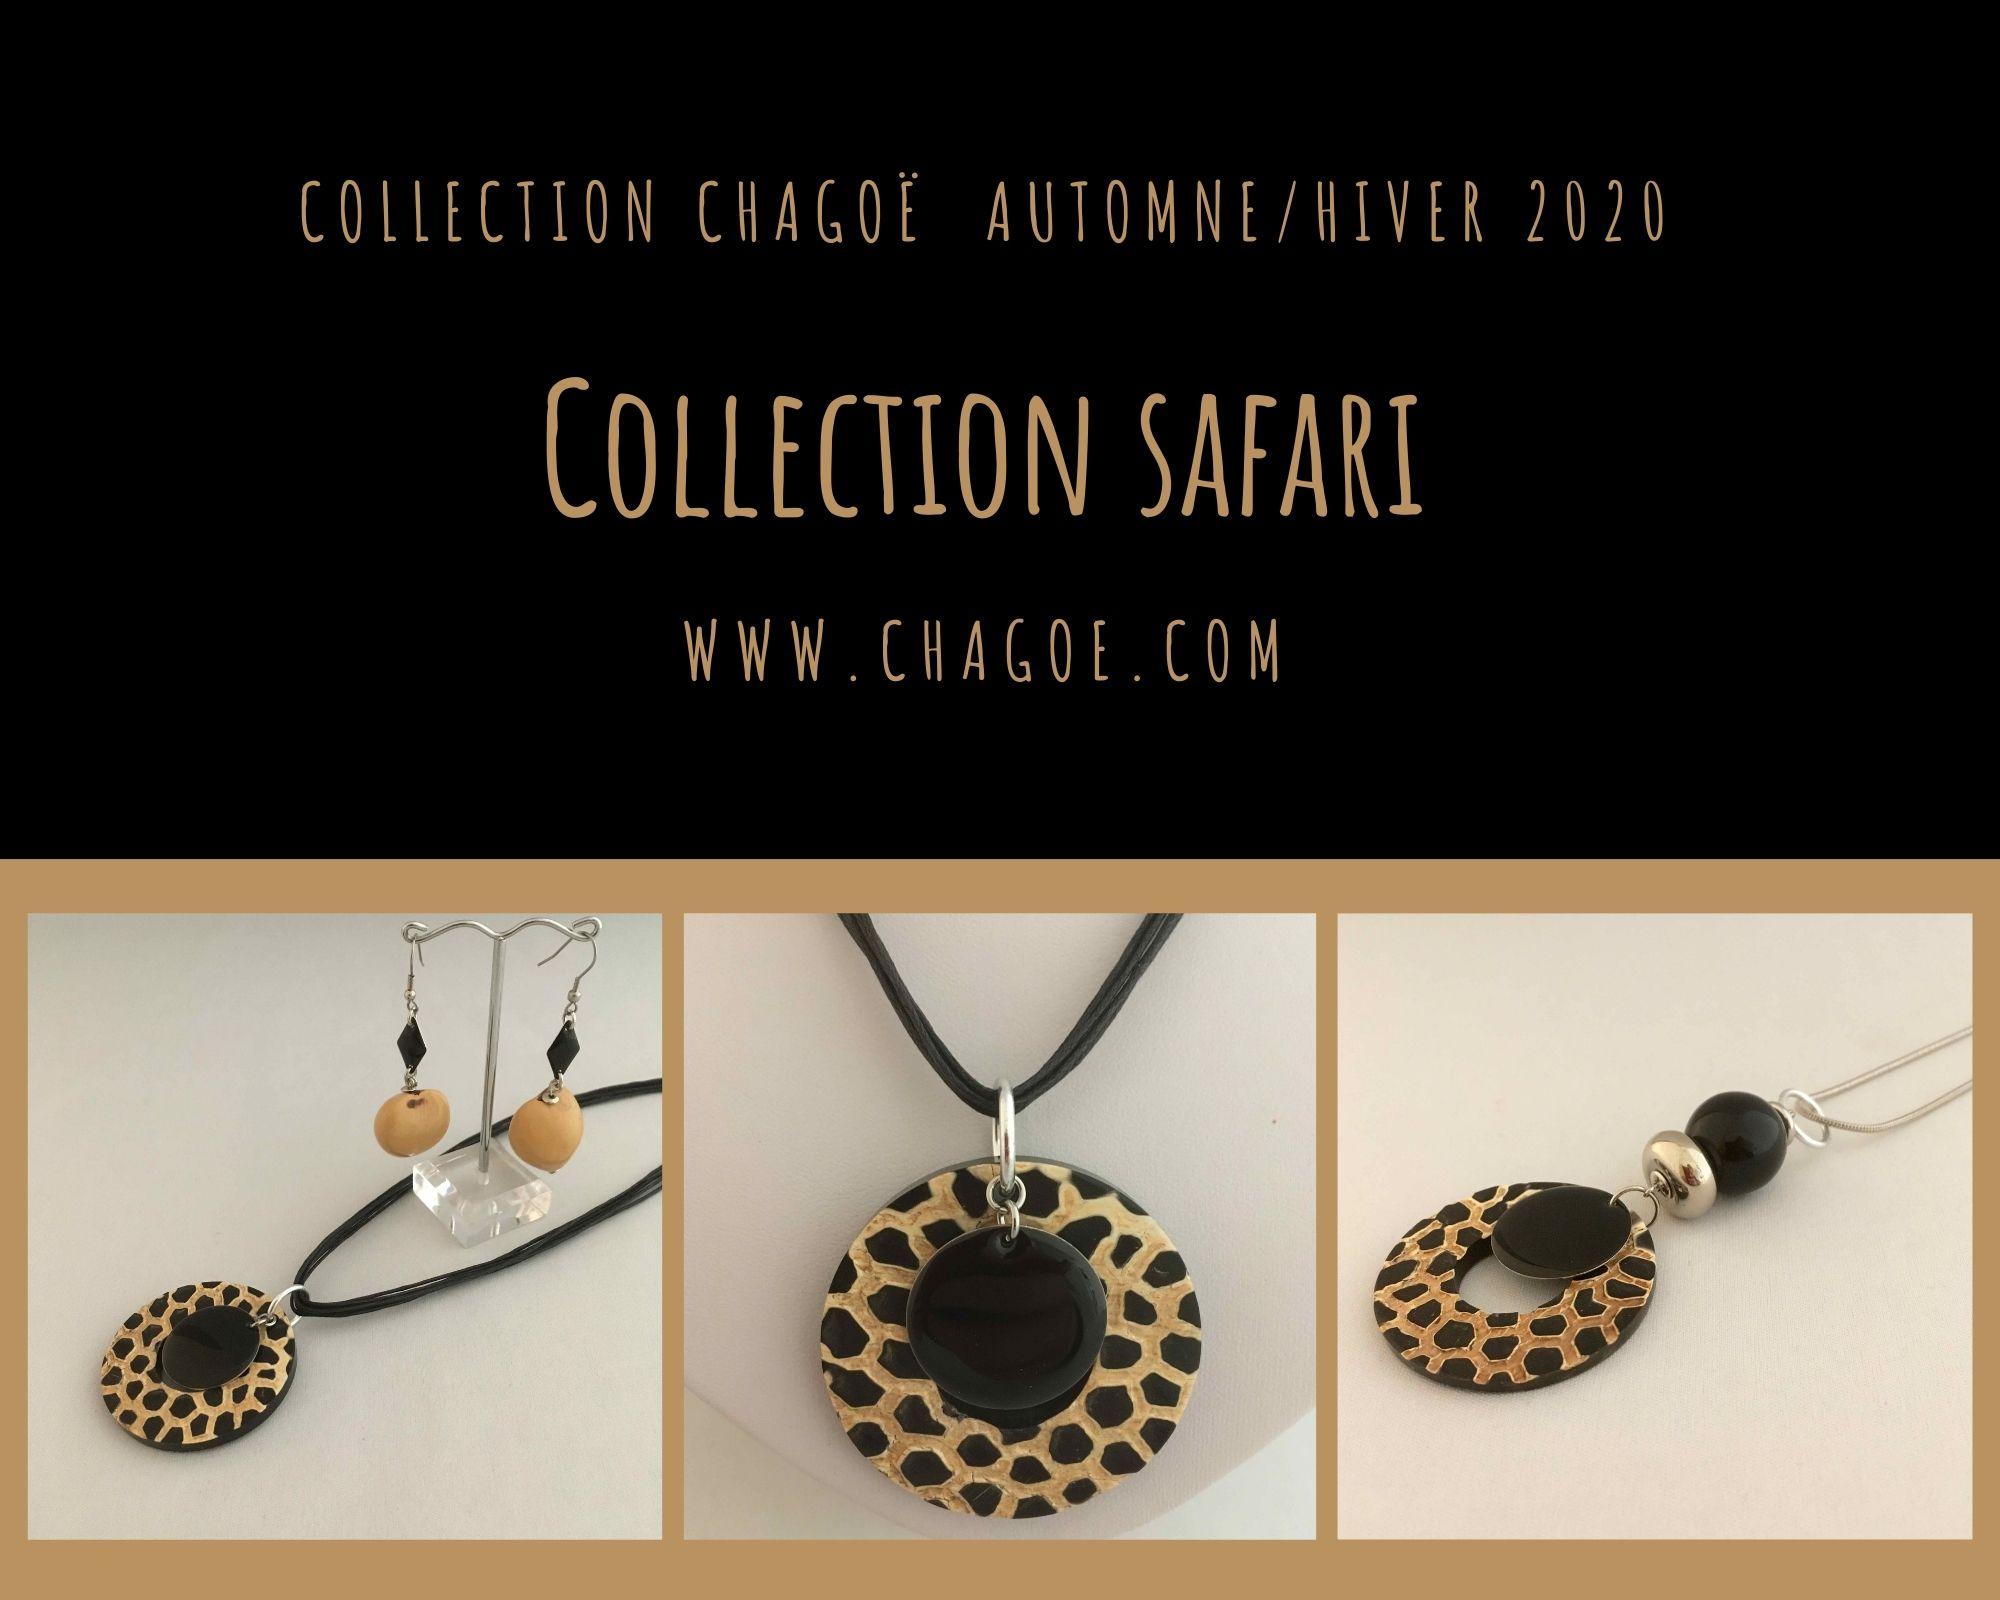 Collection SAFARI, Créations Automne/Hiver Chagoë 2020